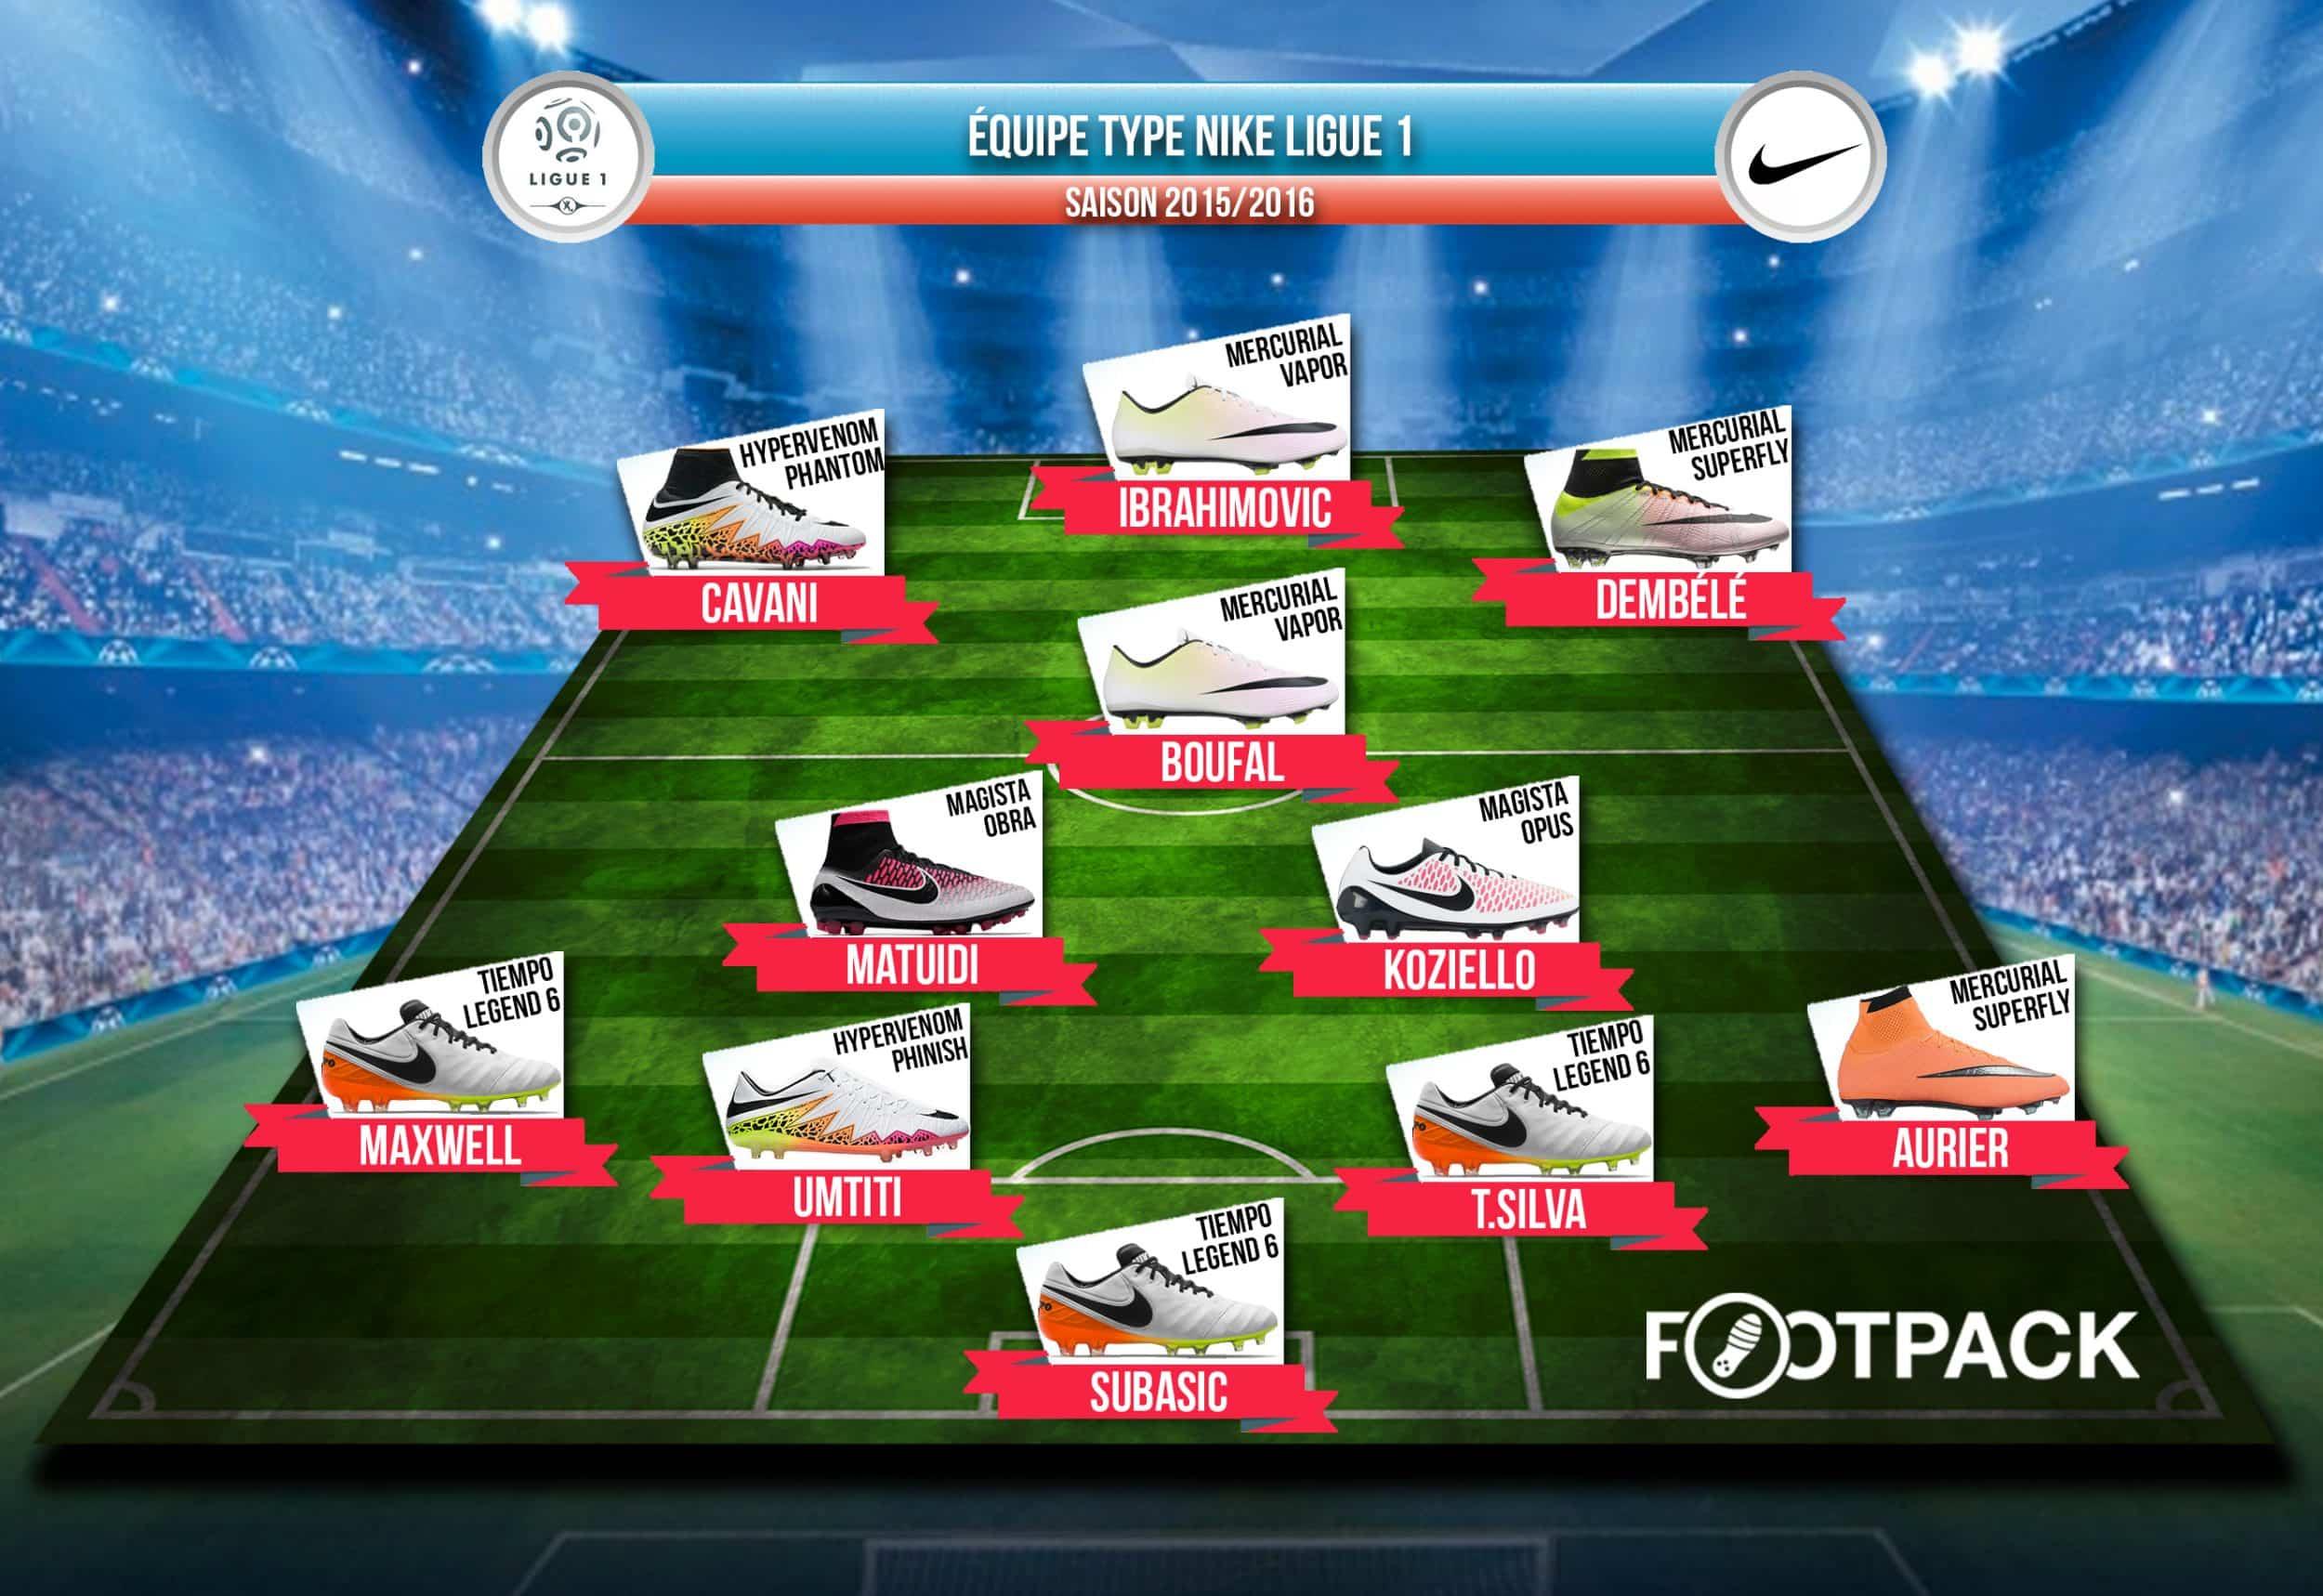 equipe-type-Nike-Ligue1-2015-2016